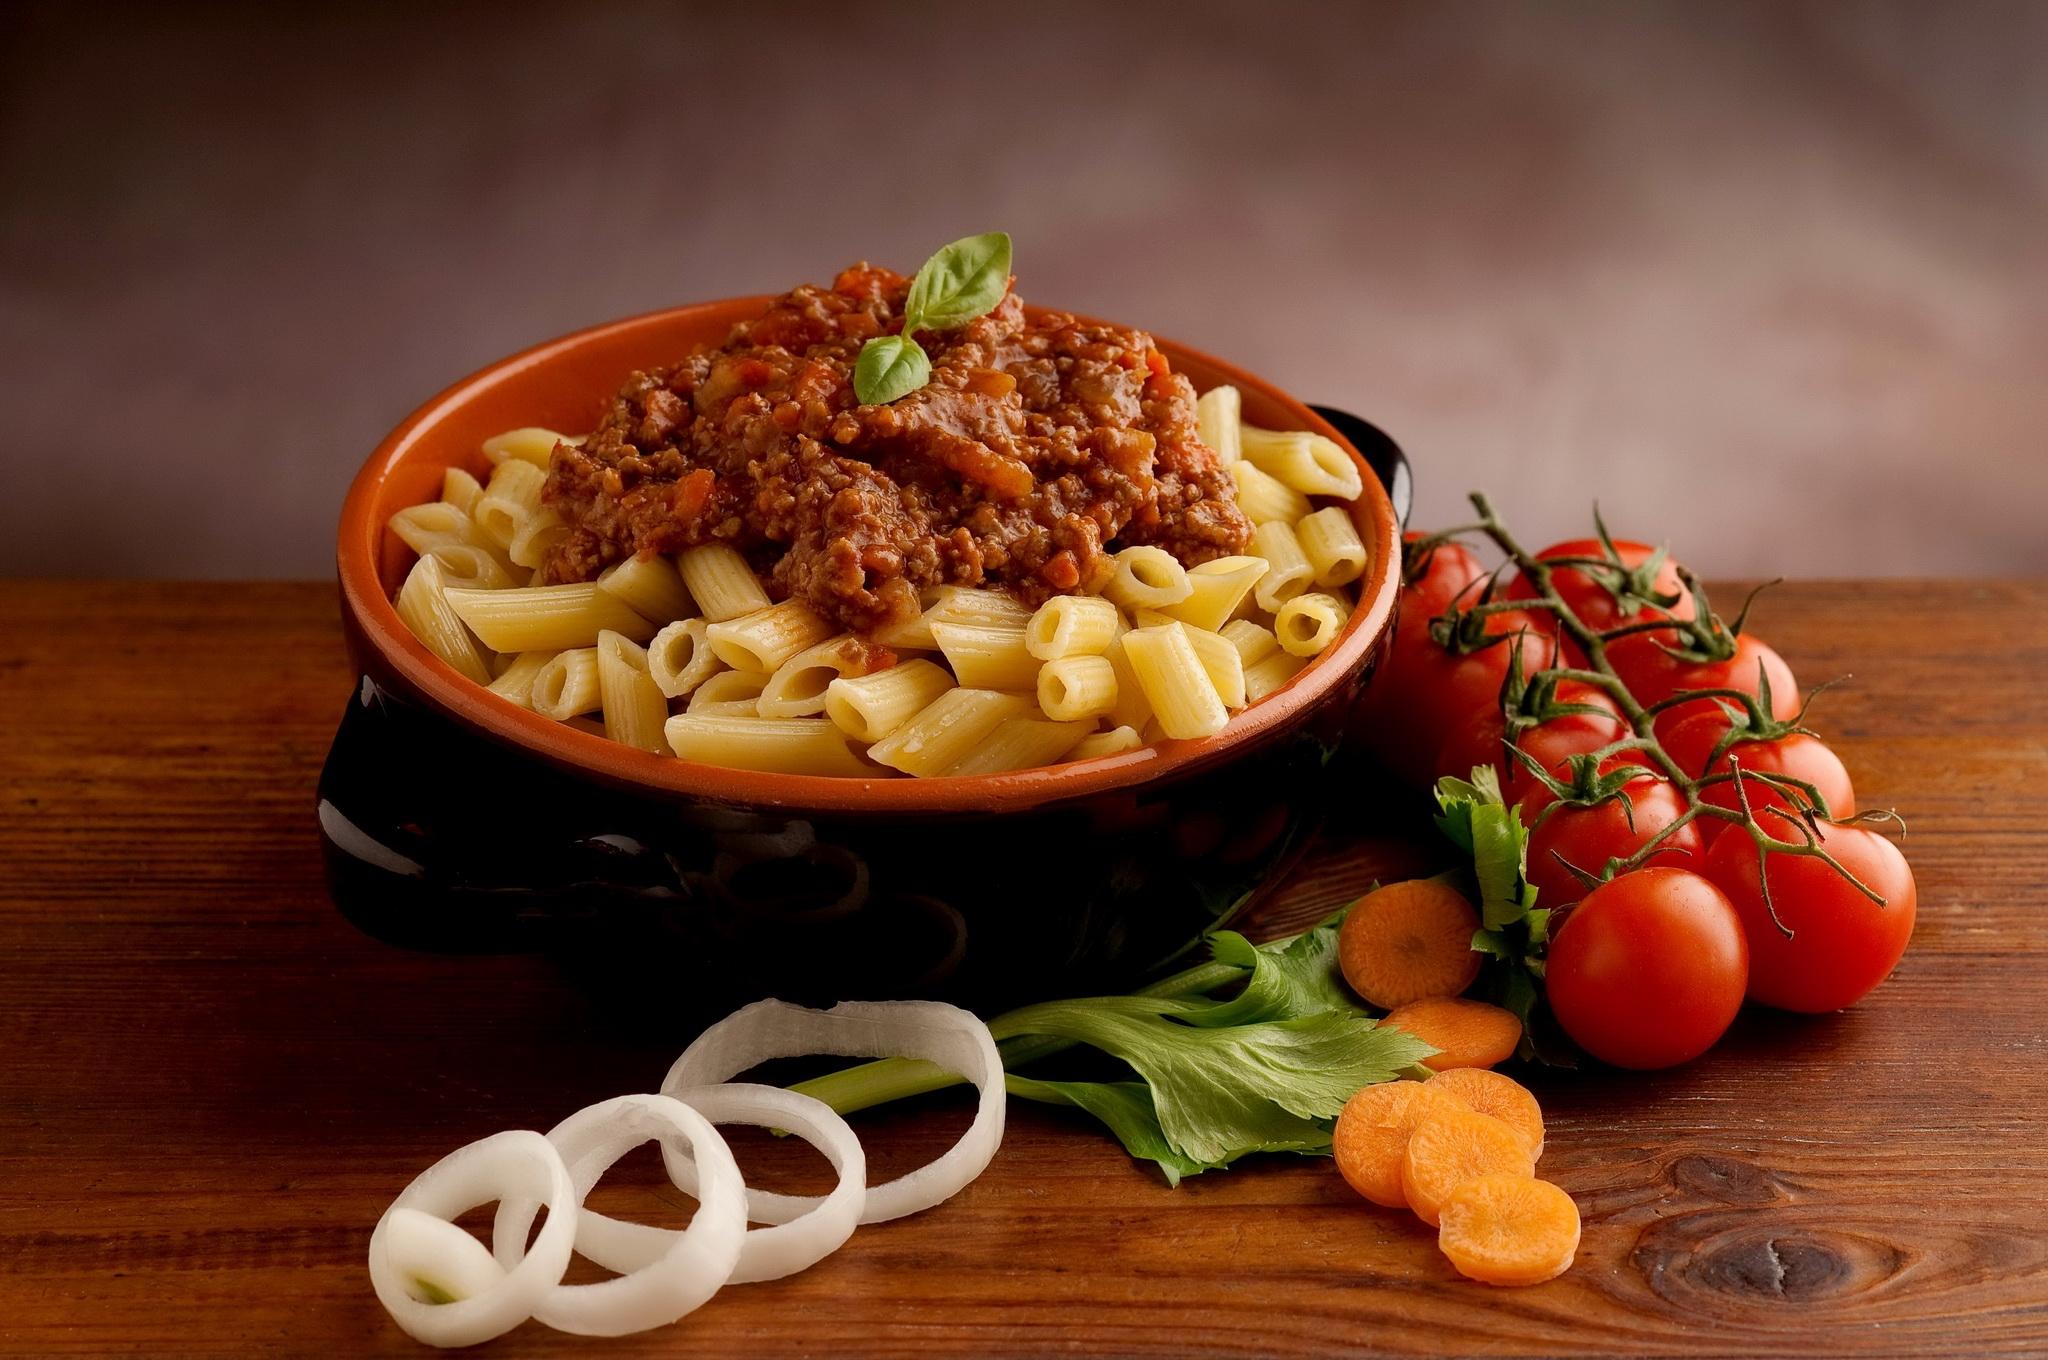 food meat vegetables spaghetti pasta cuisine sauce dish produce vegetable italian food european food vegetarian food